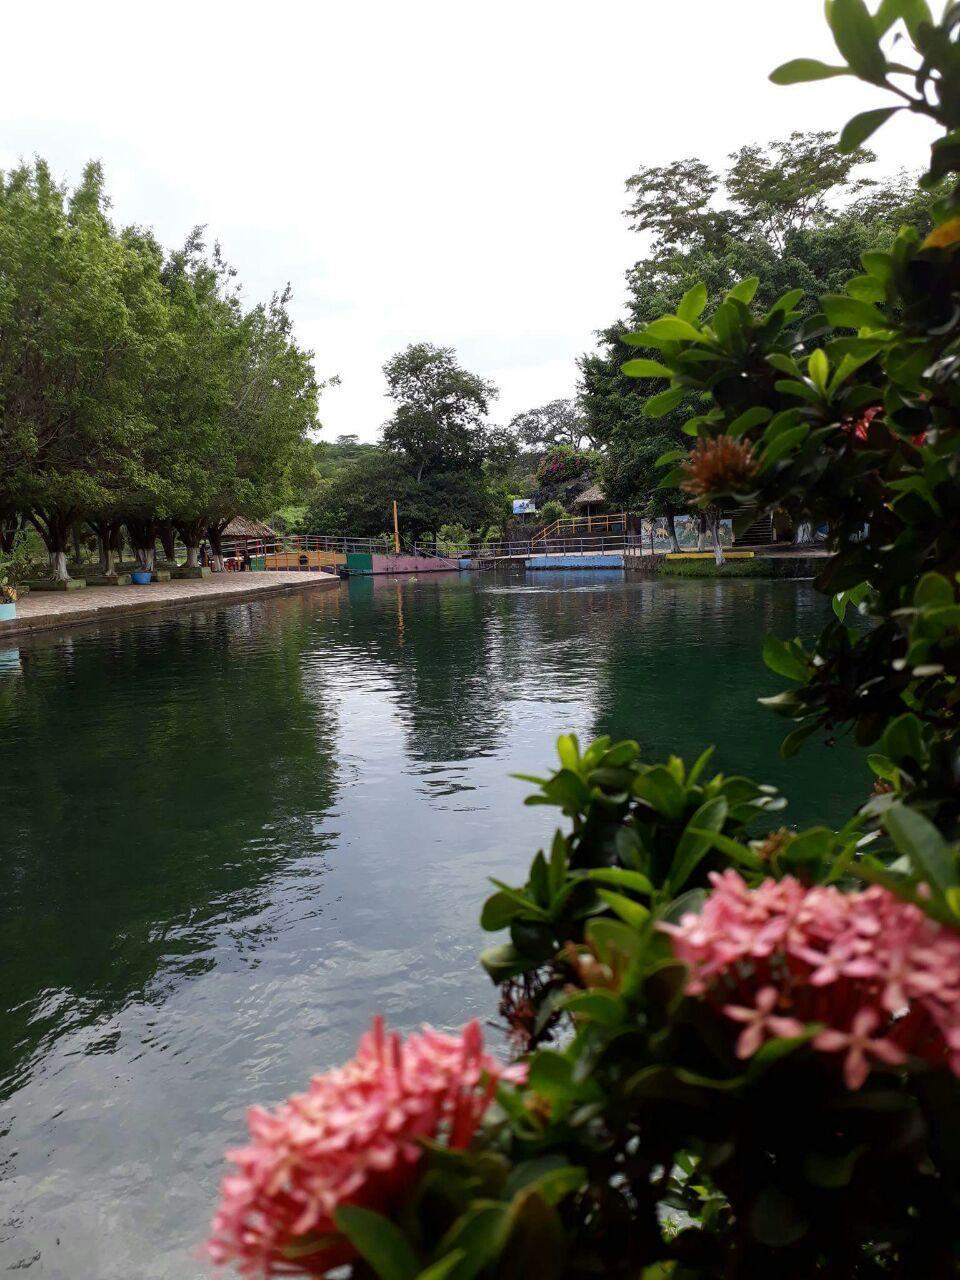 Ambiente natural, colmado de belleza y tranqulidad